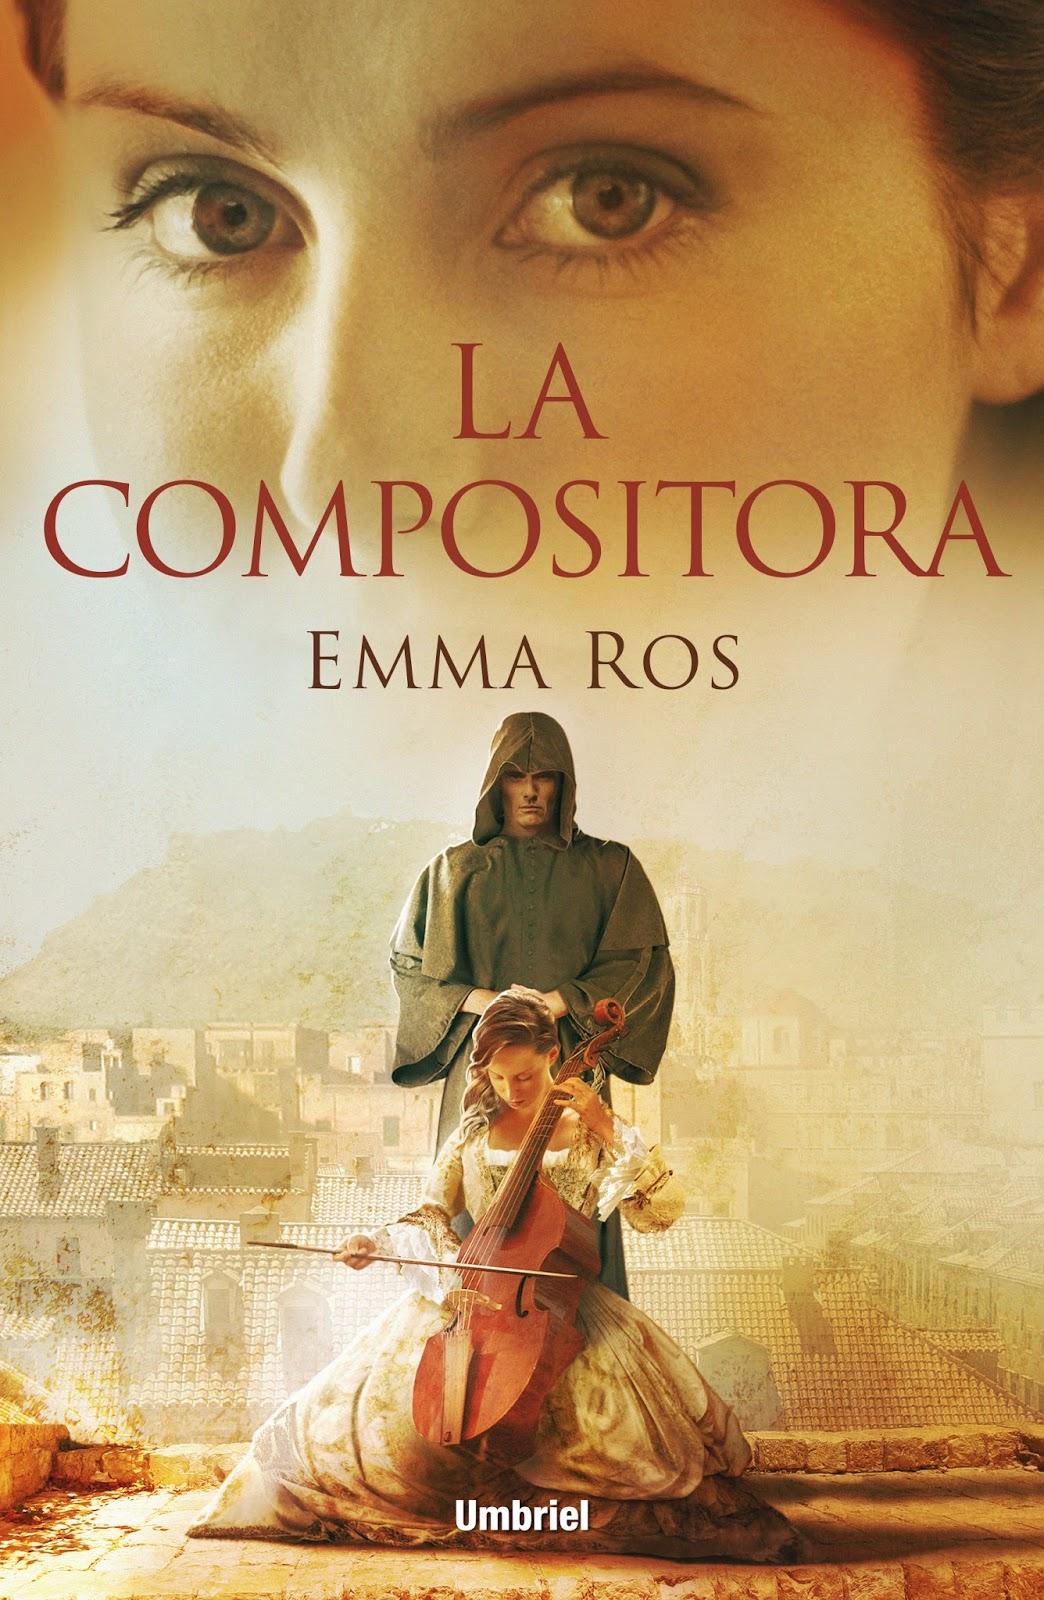 La compositora - Emma Ros (2014)